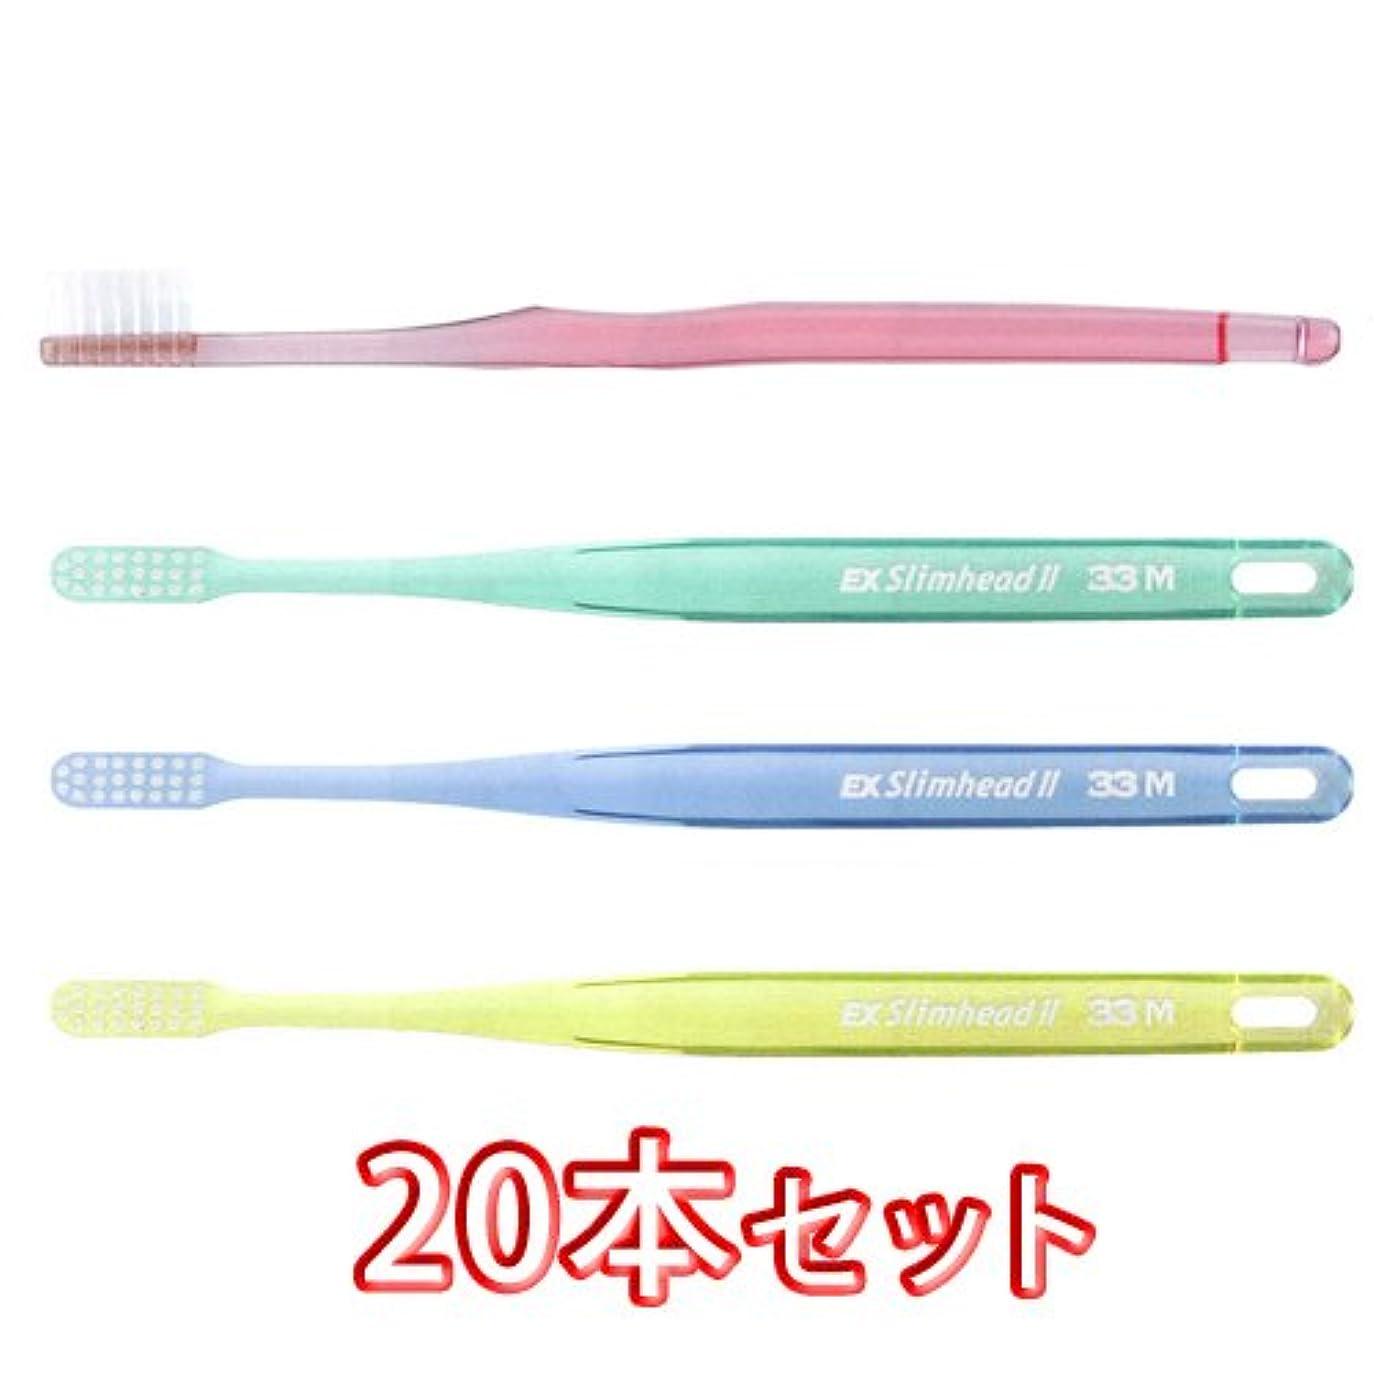 リップライナー太鼓腹ライオン スリムヘッド2 歯ブラシ DENT . EX Slimhead2 20本入 (33M)